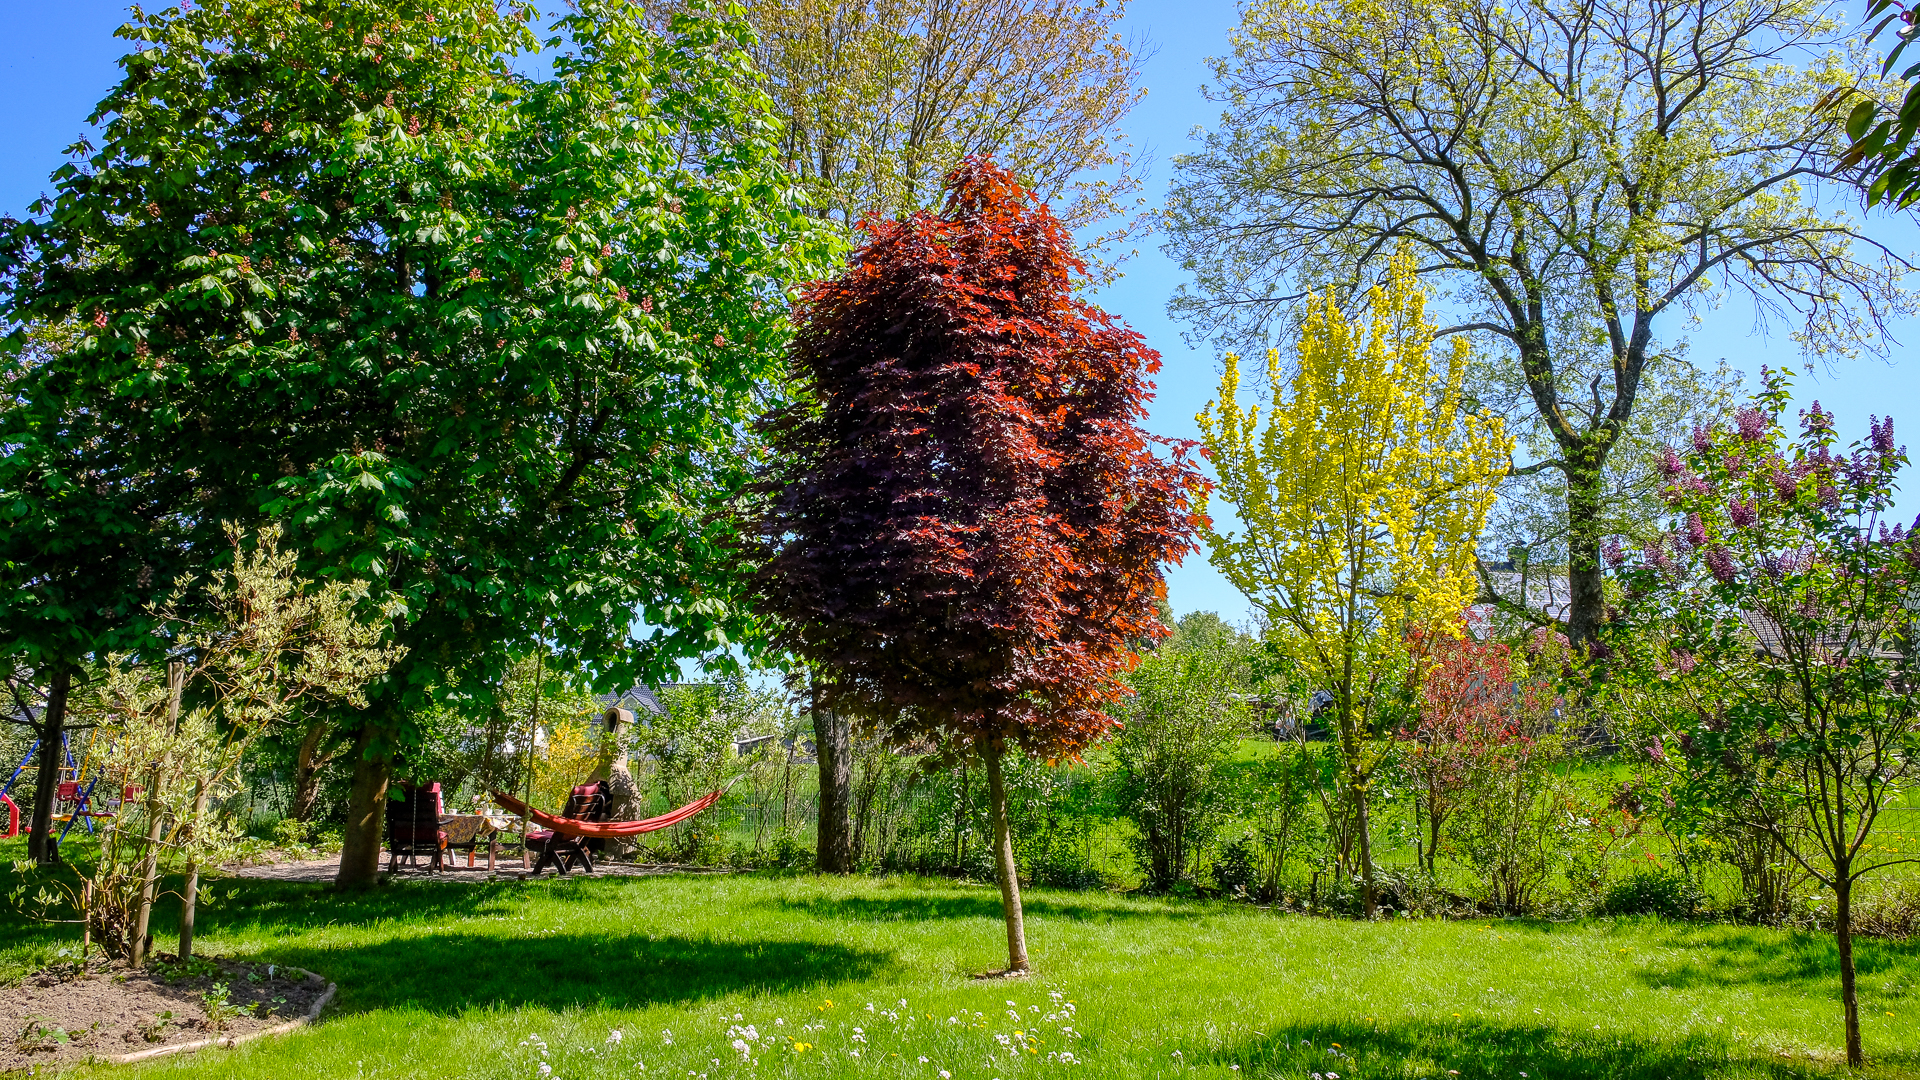 die obere Wiese im Frühling mit viel Platz zum Toben und Spielen